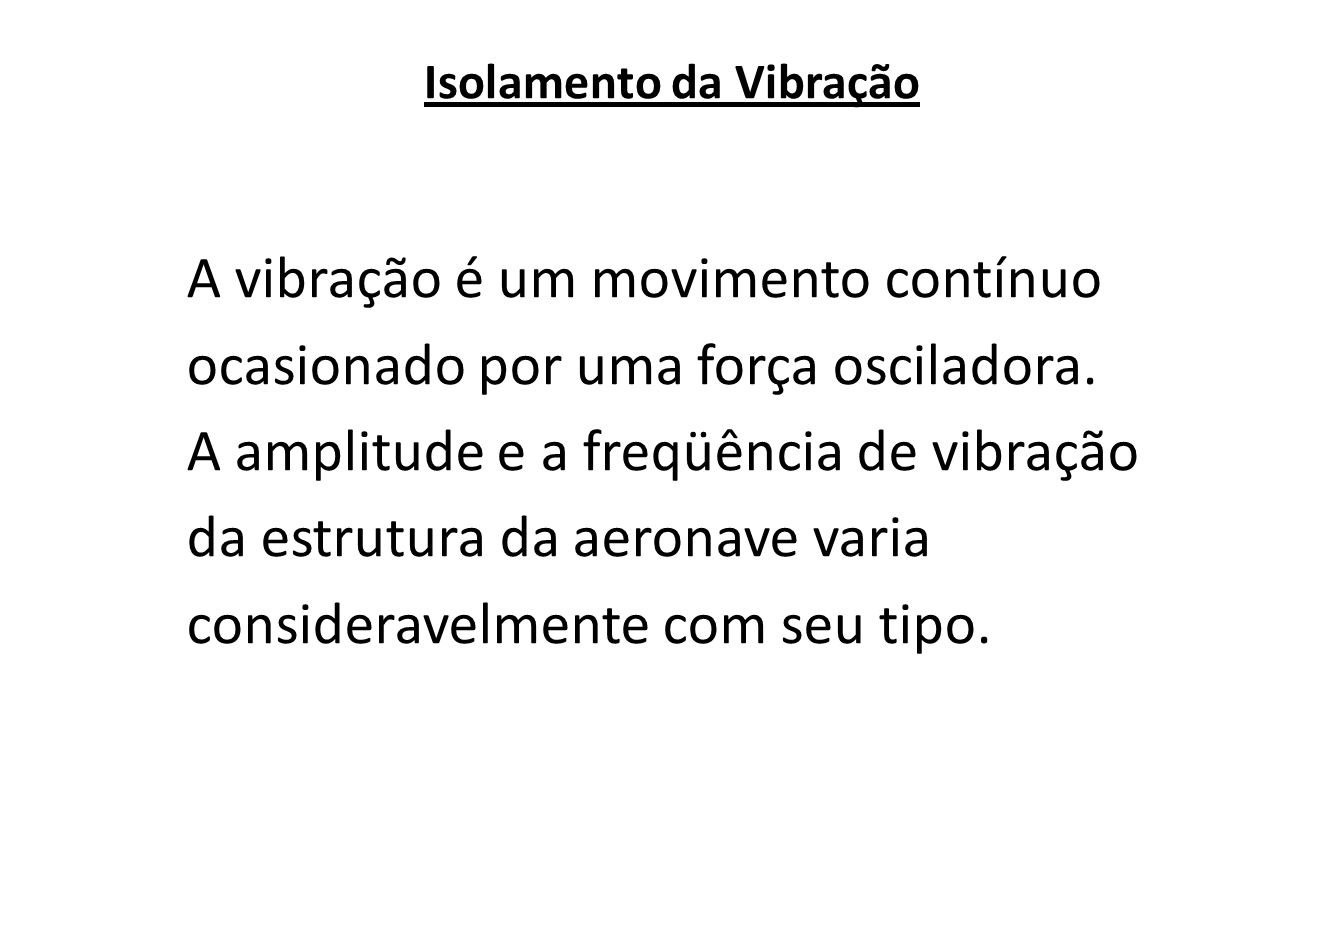 Isolamento da Vibração